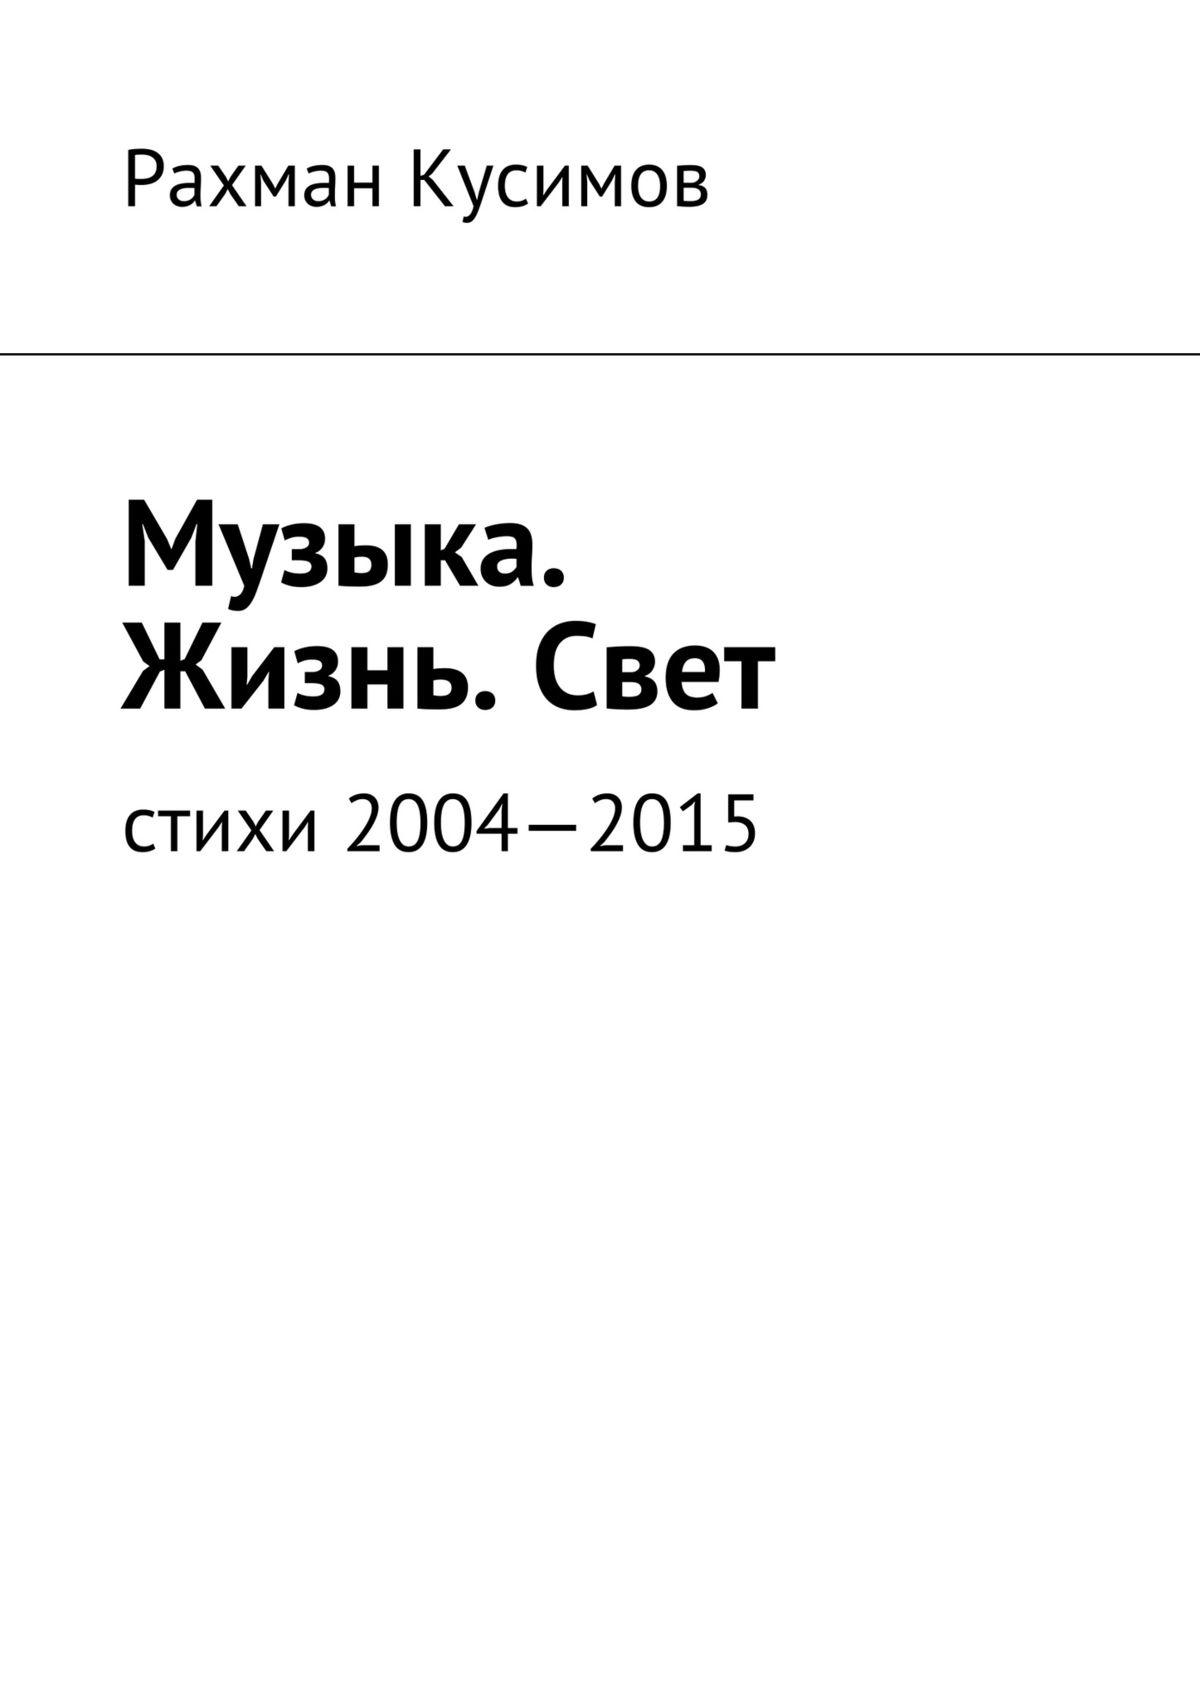 Рахман Кусимов Музыка. Жизнь.Свет. Стихи 2004—2015 и вспыхнет музыка стихи